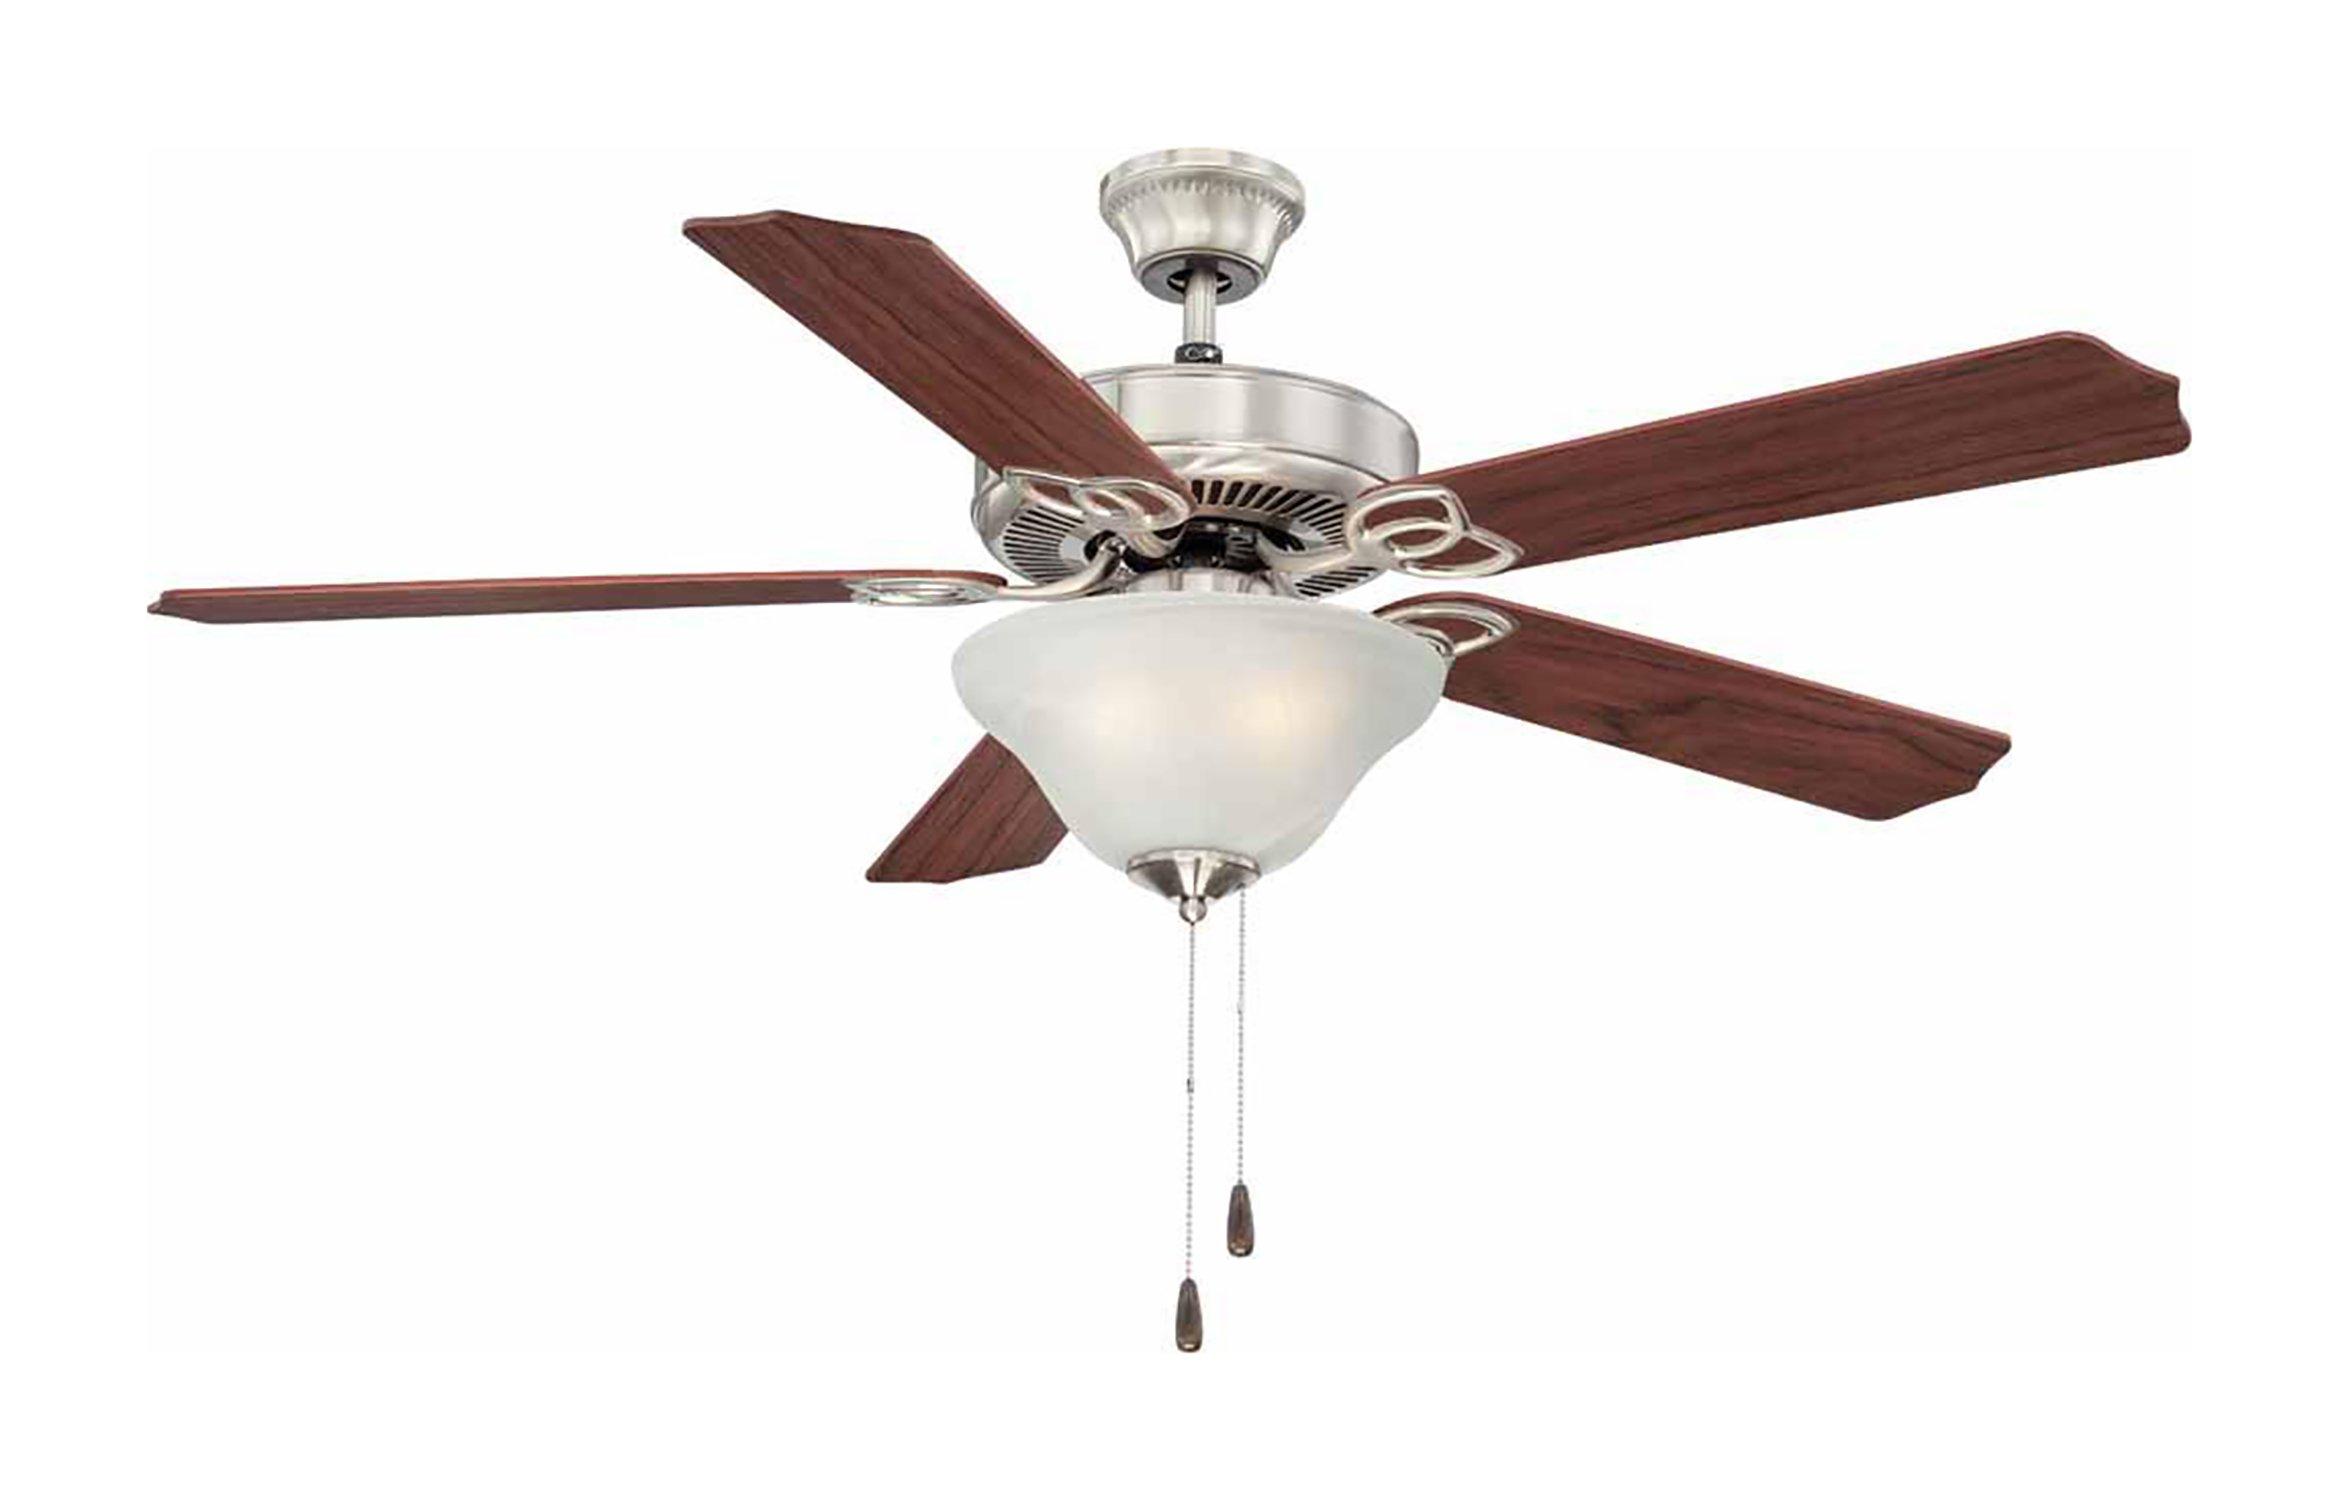 Volume Lighting V6123-33 3-Light Brushed Nickel Ceiling Fan